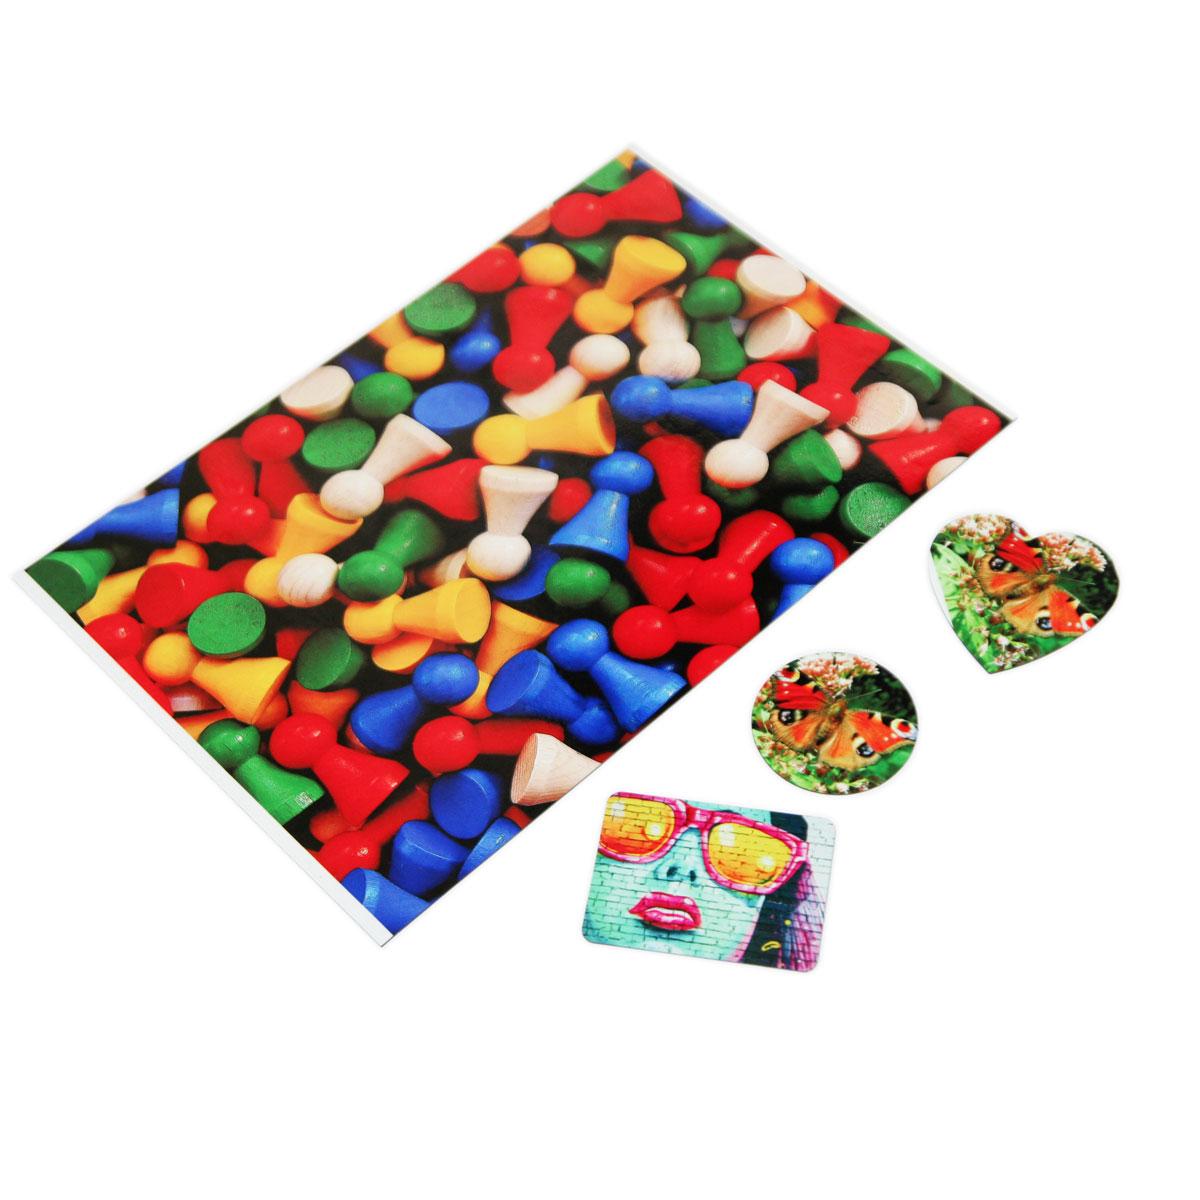 Fridge magnet for sublimation - heart - 25 pieces